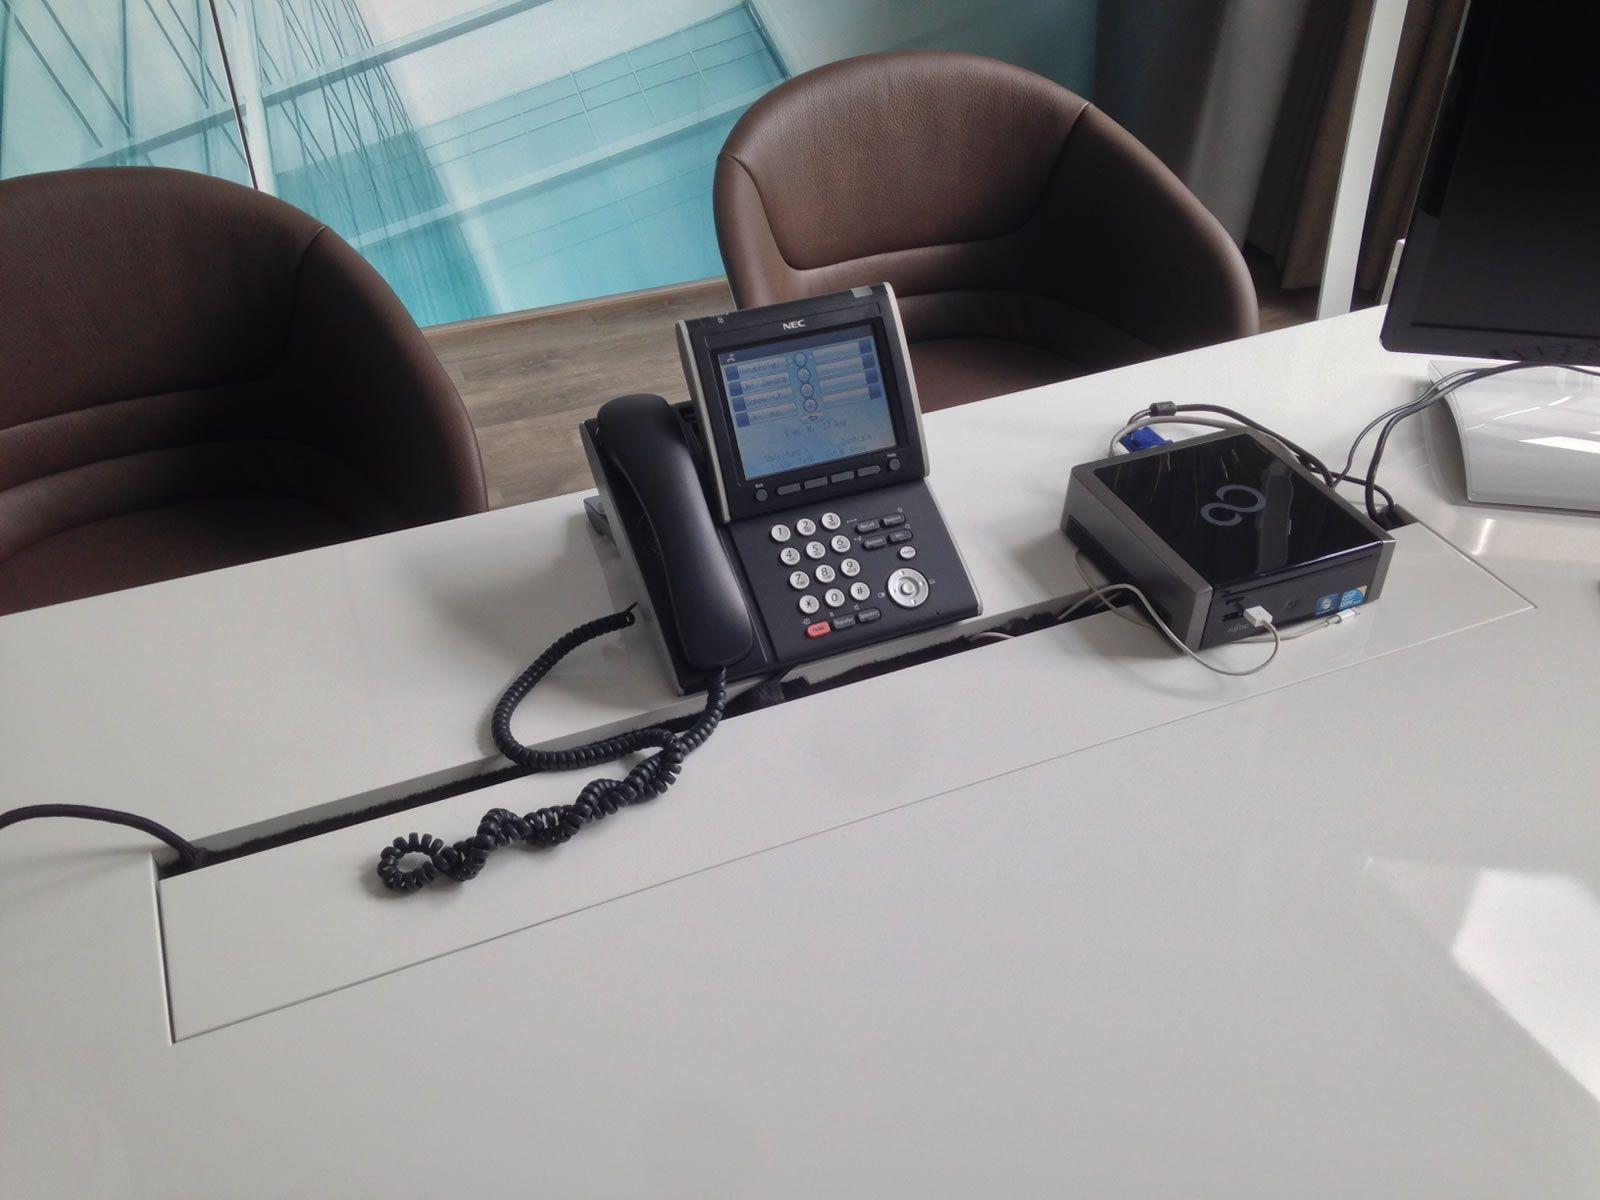 Schreibtisch büro modern  Büro-Schreibtisch PRAEFECTUS preis ▭ modern Büro-schreibtische ...